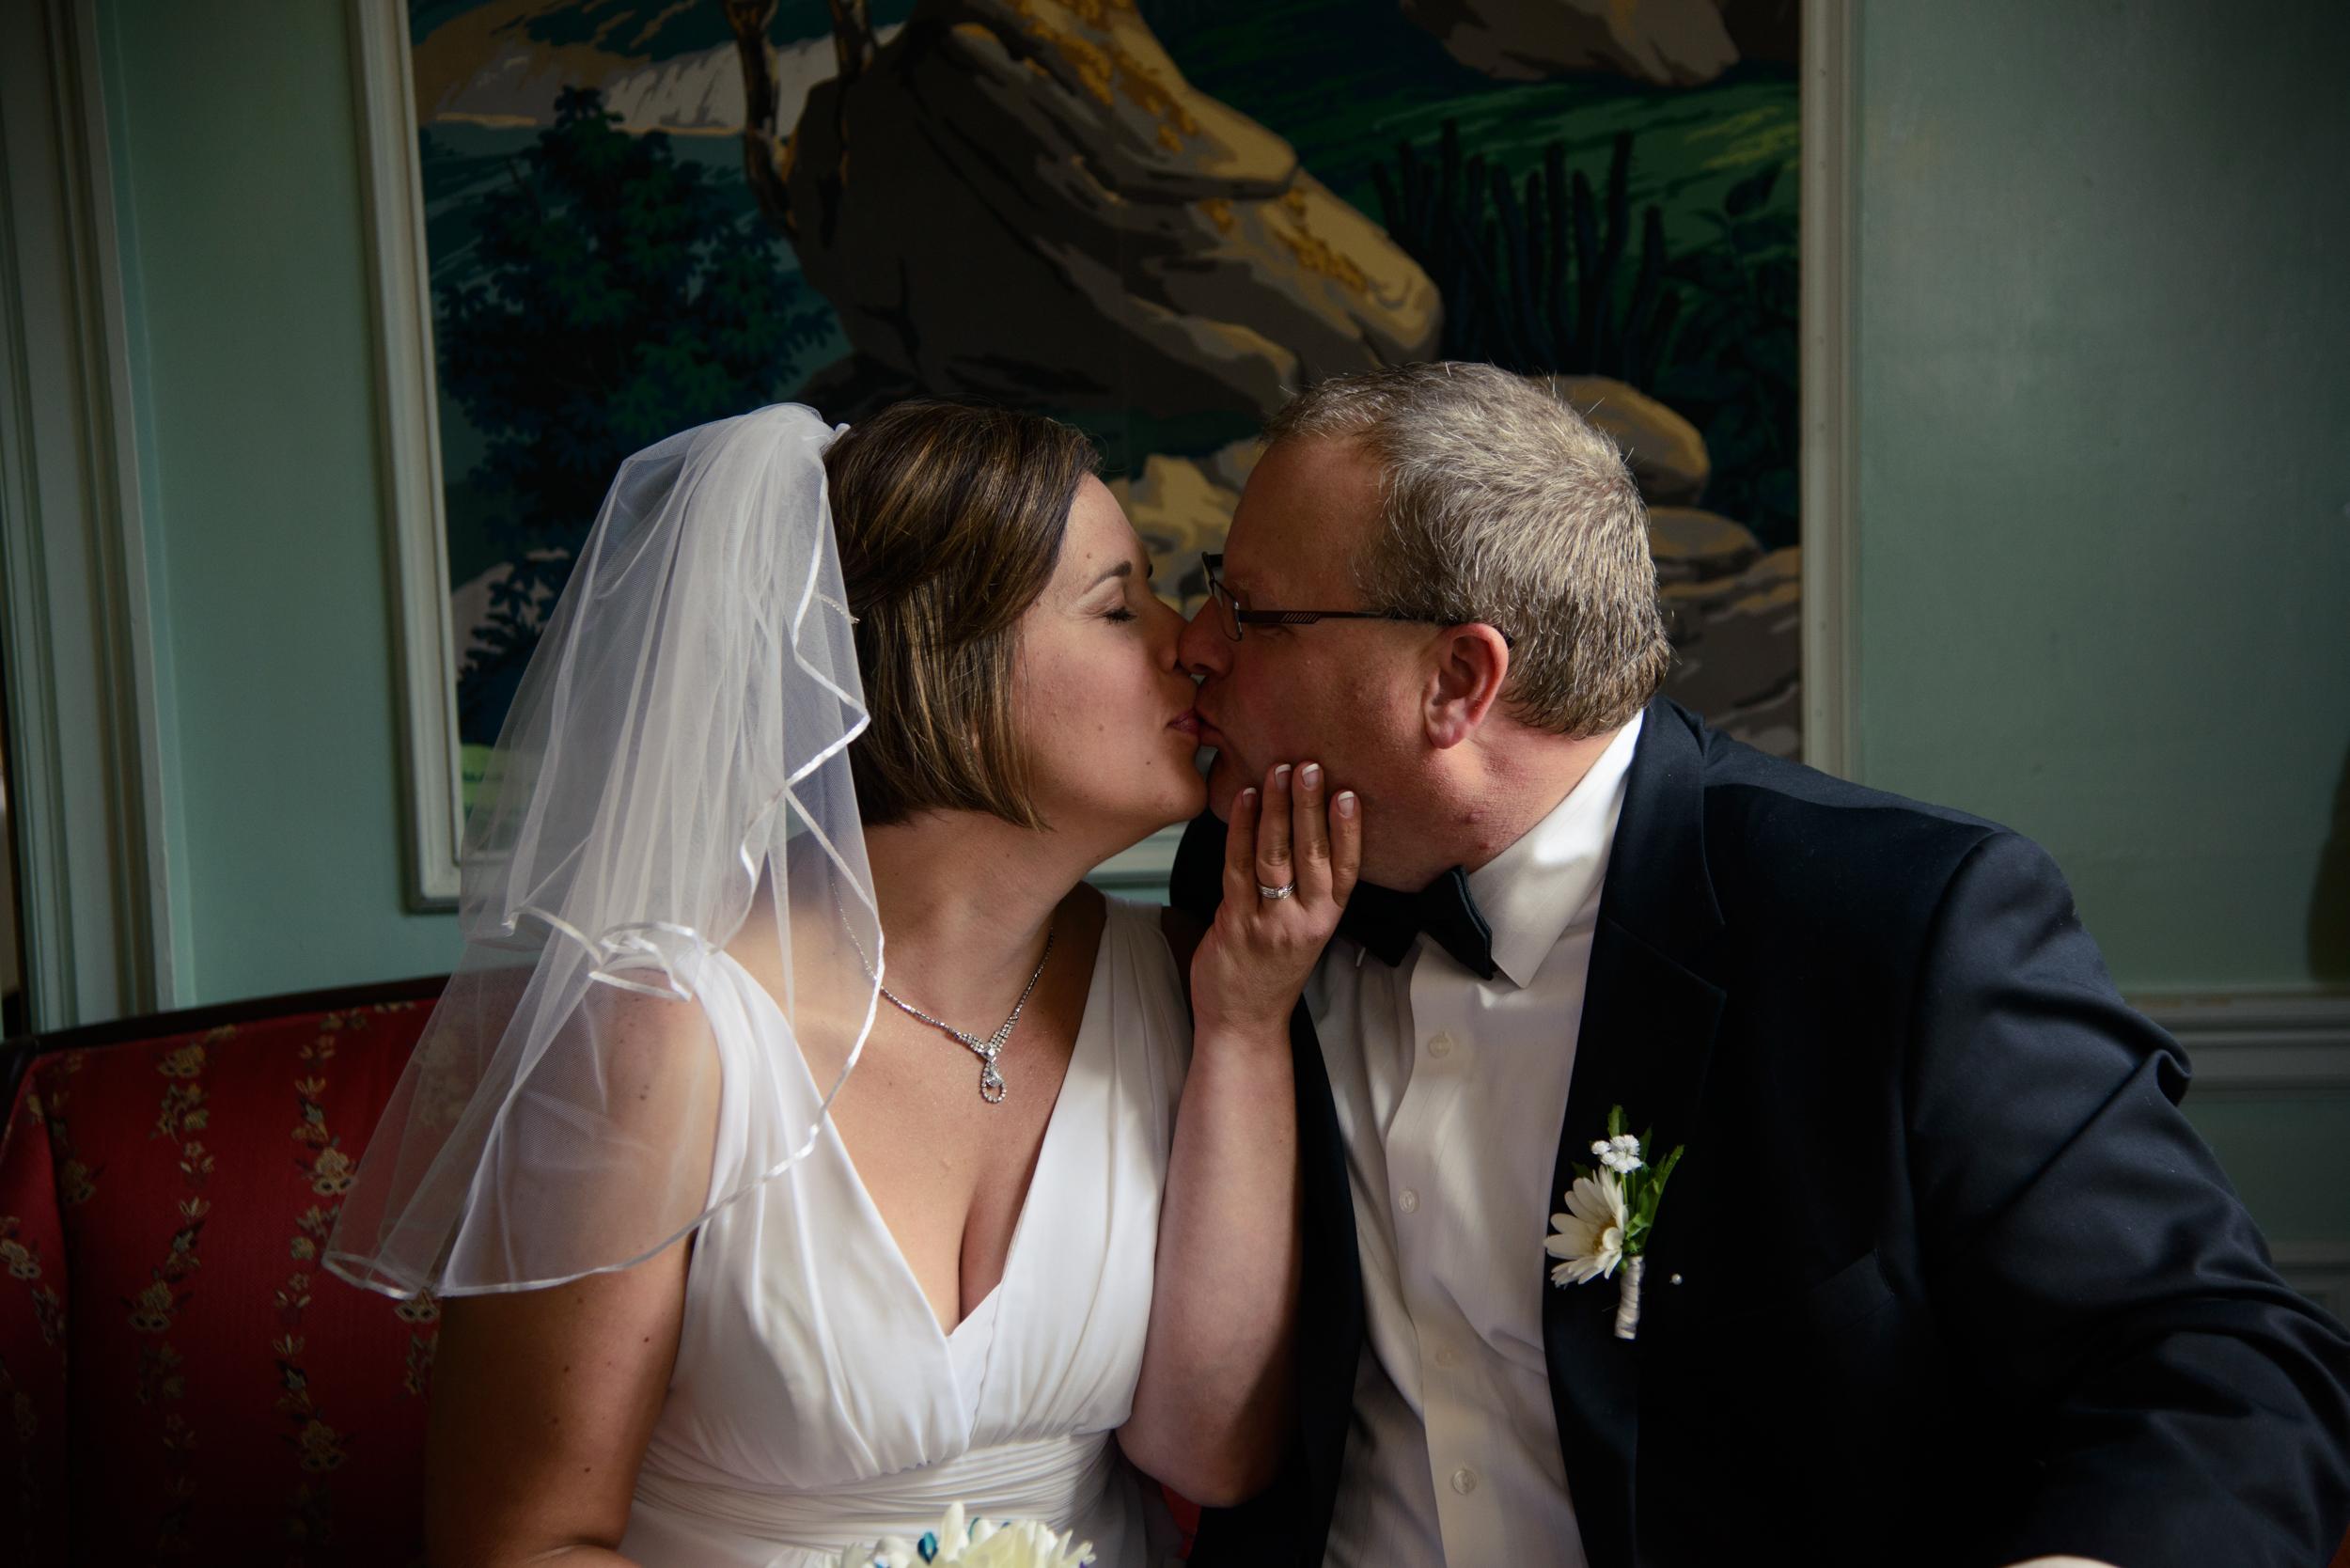 wedding kissing photo